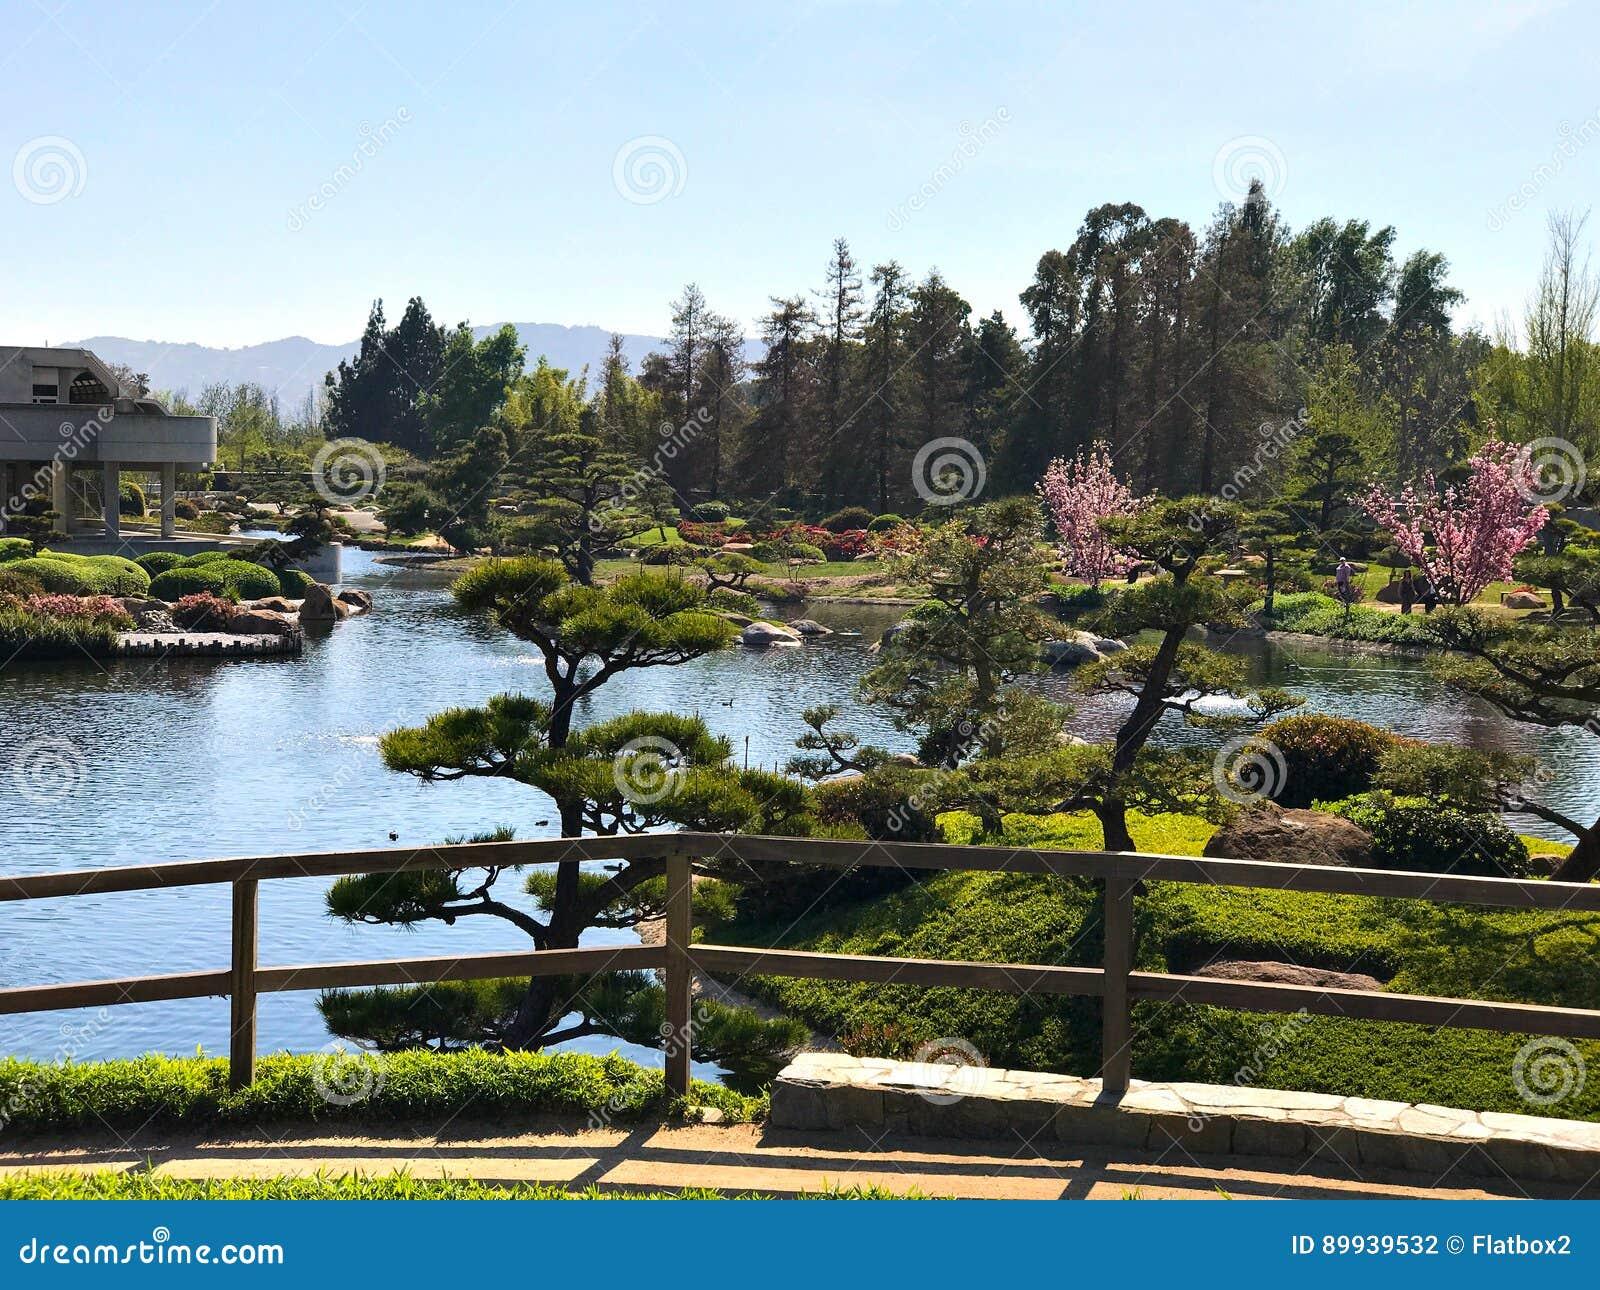 Schöne Blumen Und Bäume Im Japanischen Garten Stockfoto - Bild von ...